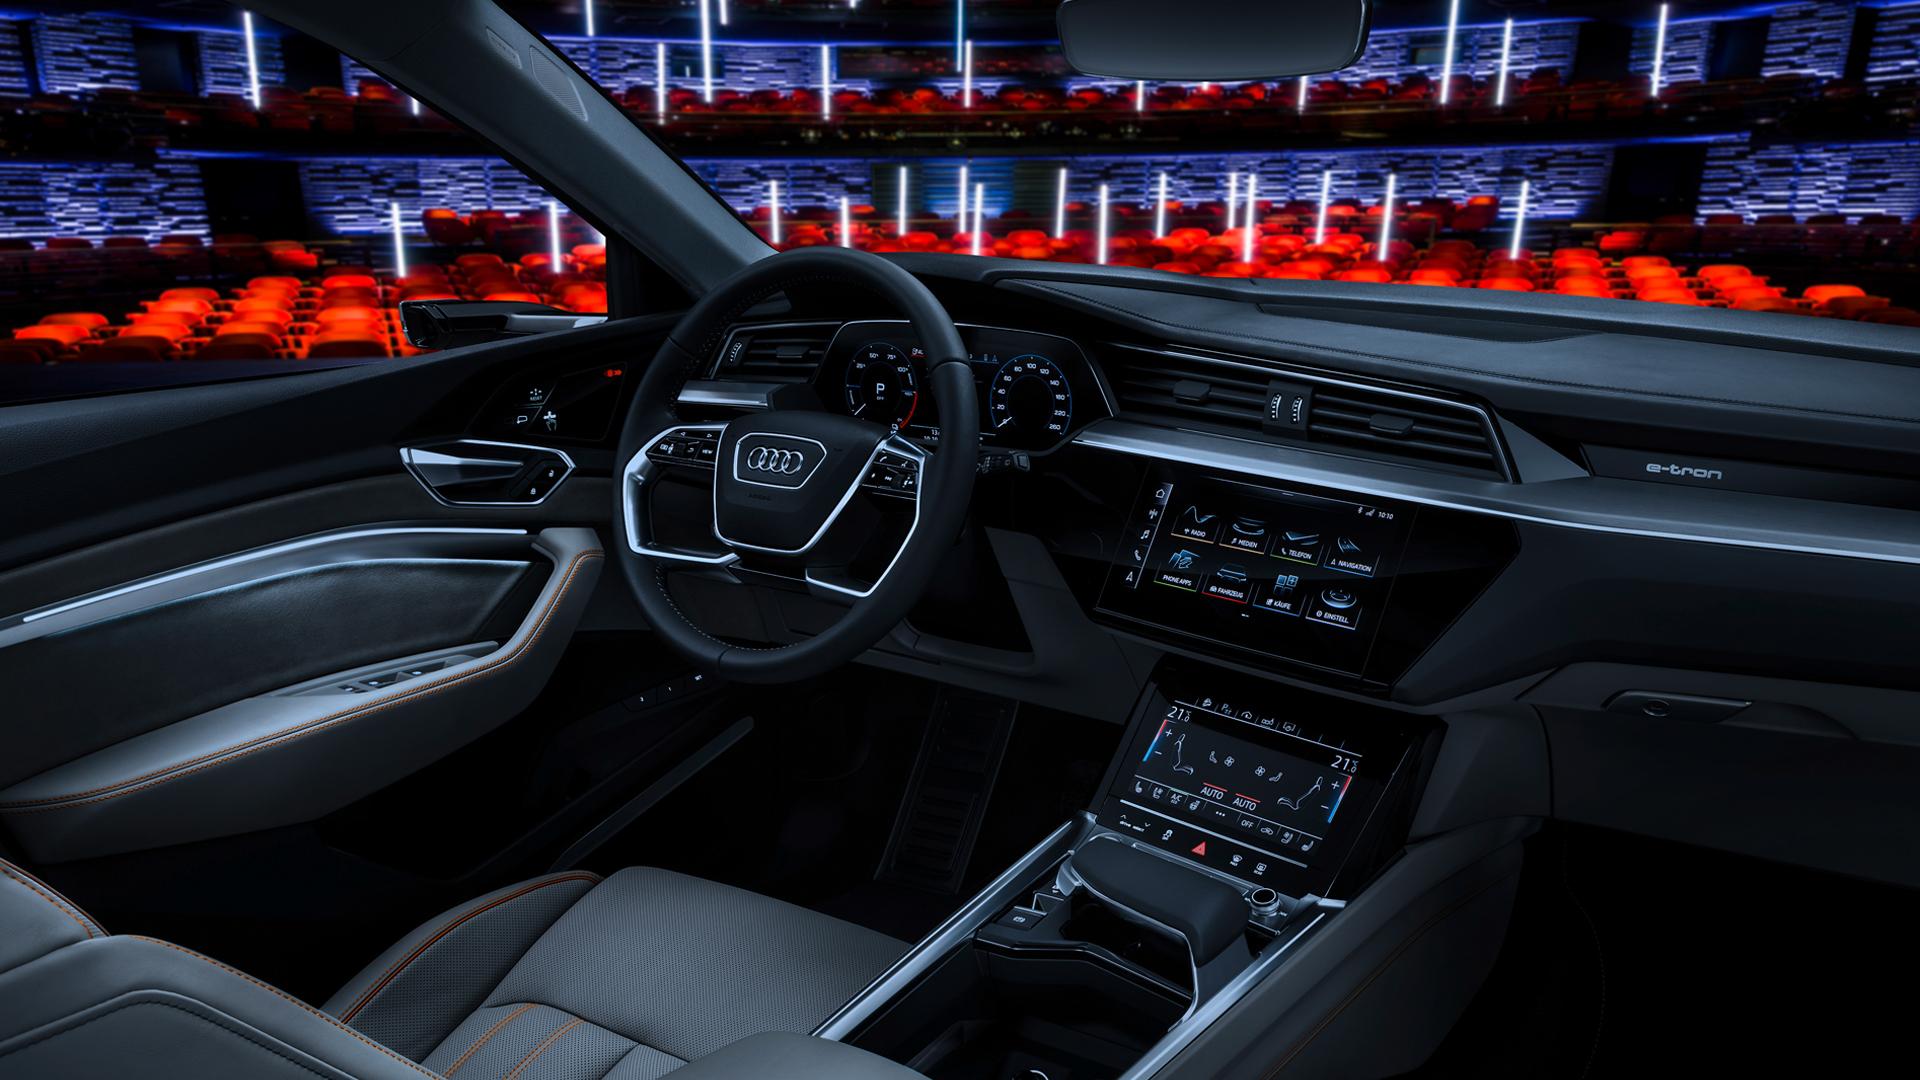 Audi_car_Concept_CES_2019